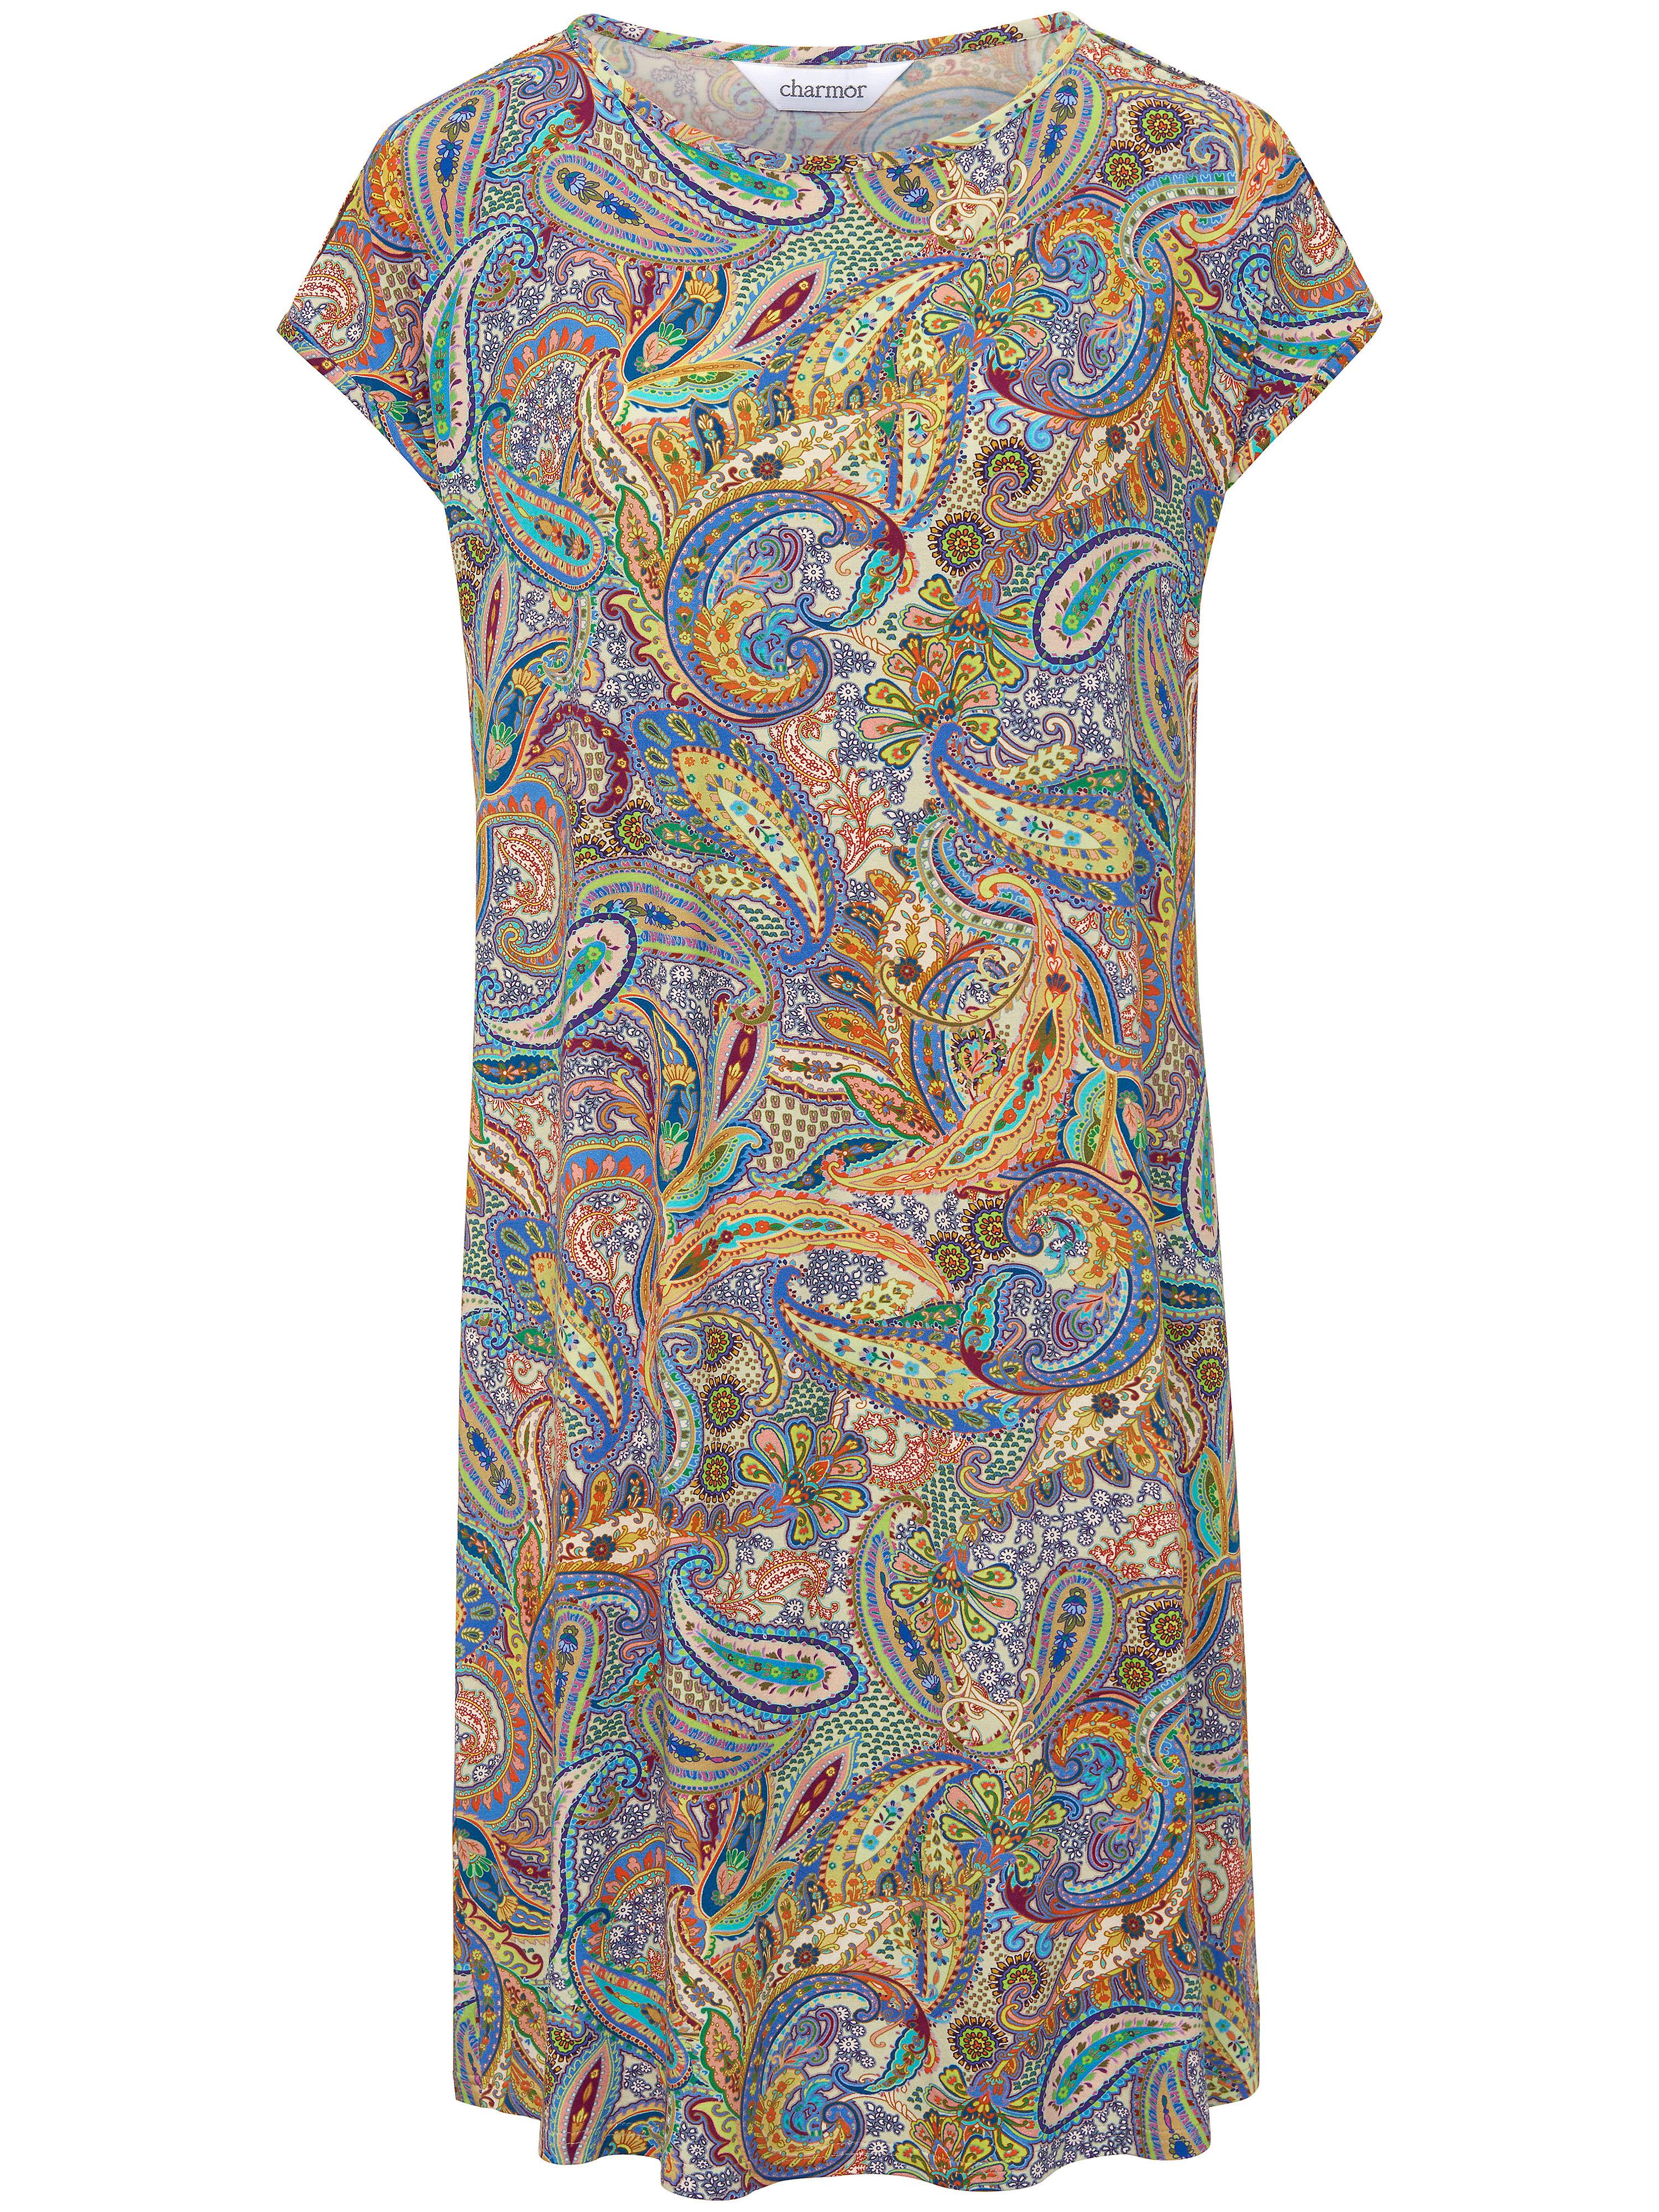 La robe  Charmor multicolore